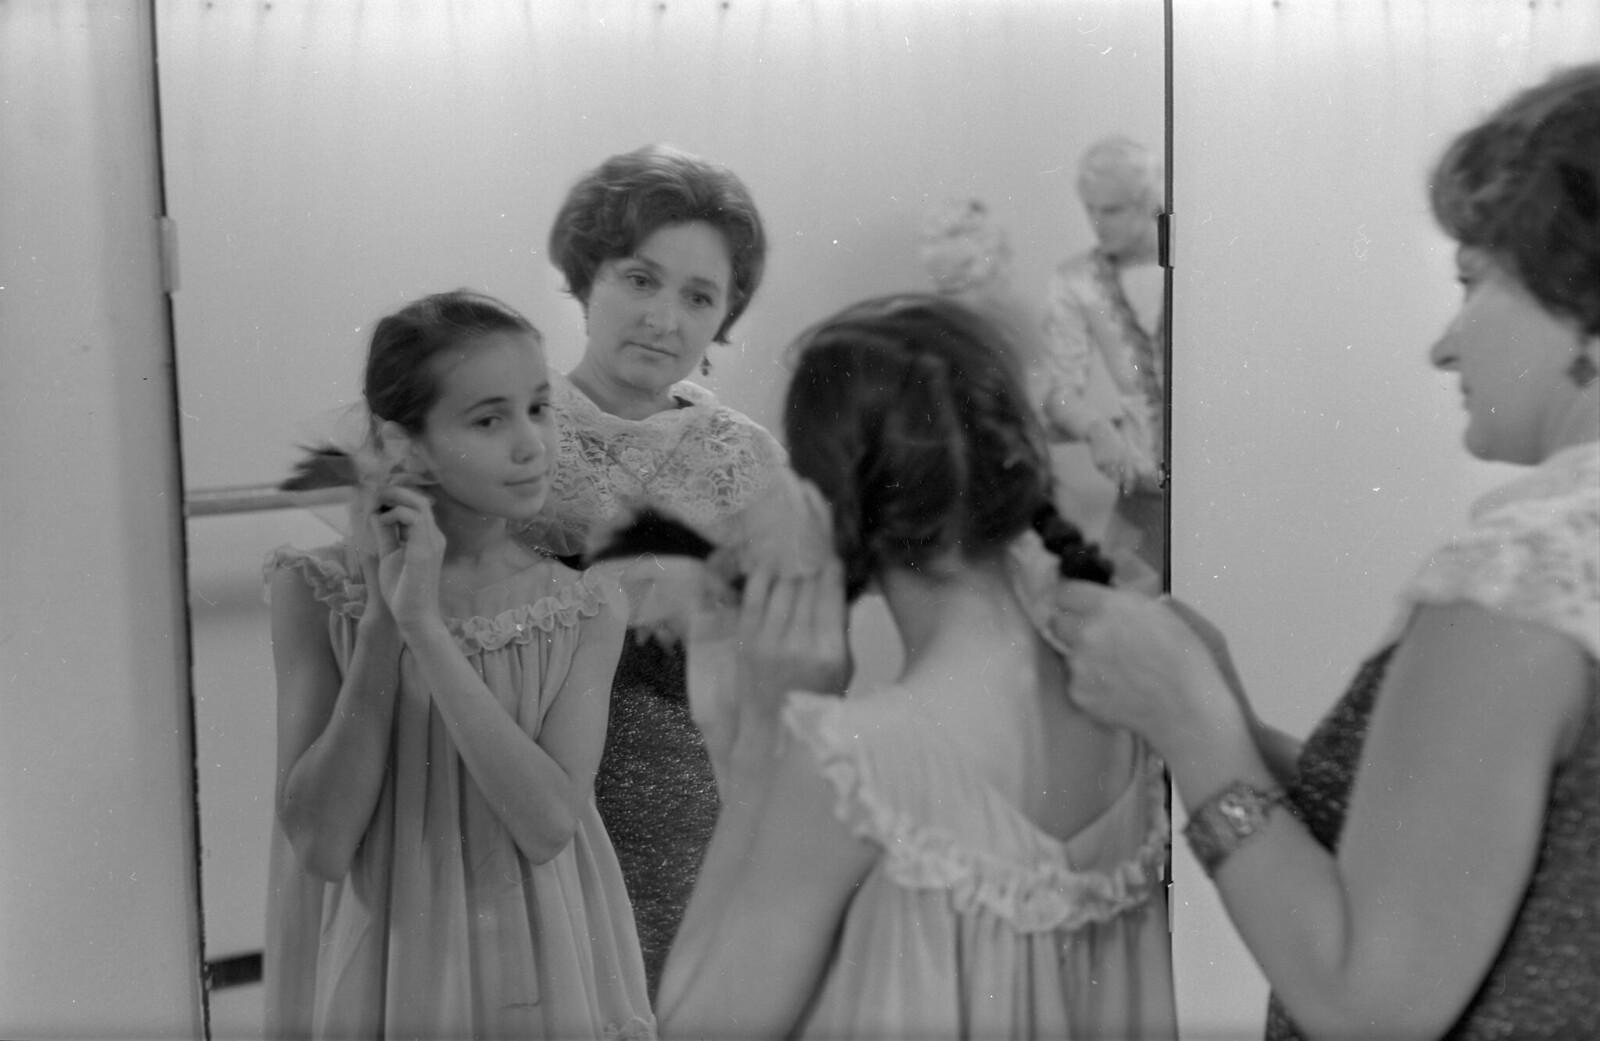 1970. Вот такой  была будущая мировая знаменитость, народная артистка СССР, золотой призер Международного конкурса, солистка балета Большого театра СССР Надежда Павлова